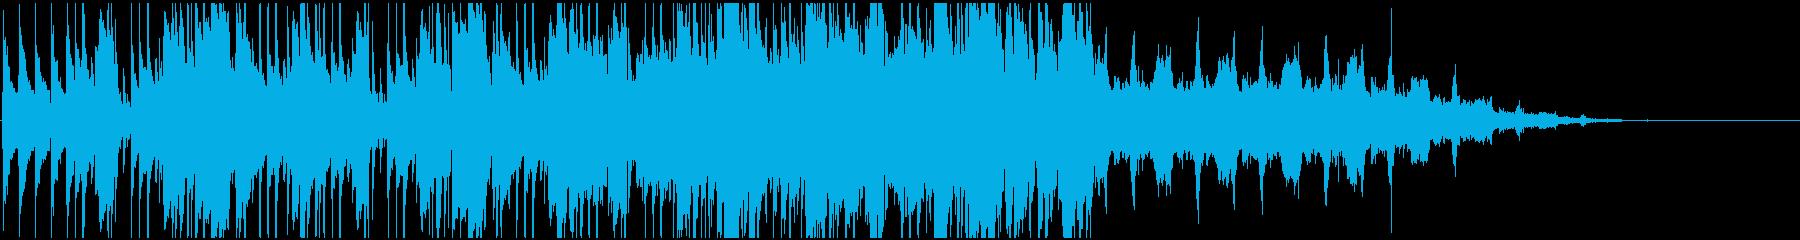 大ヒットと一種のヒップホップブレー...の再生済みの波形